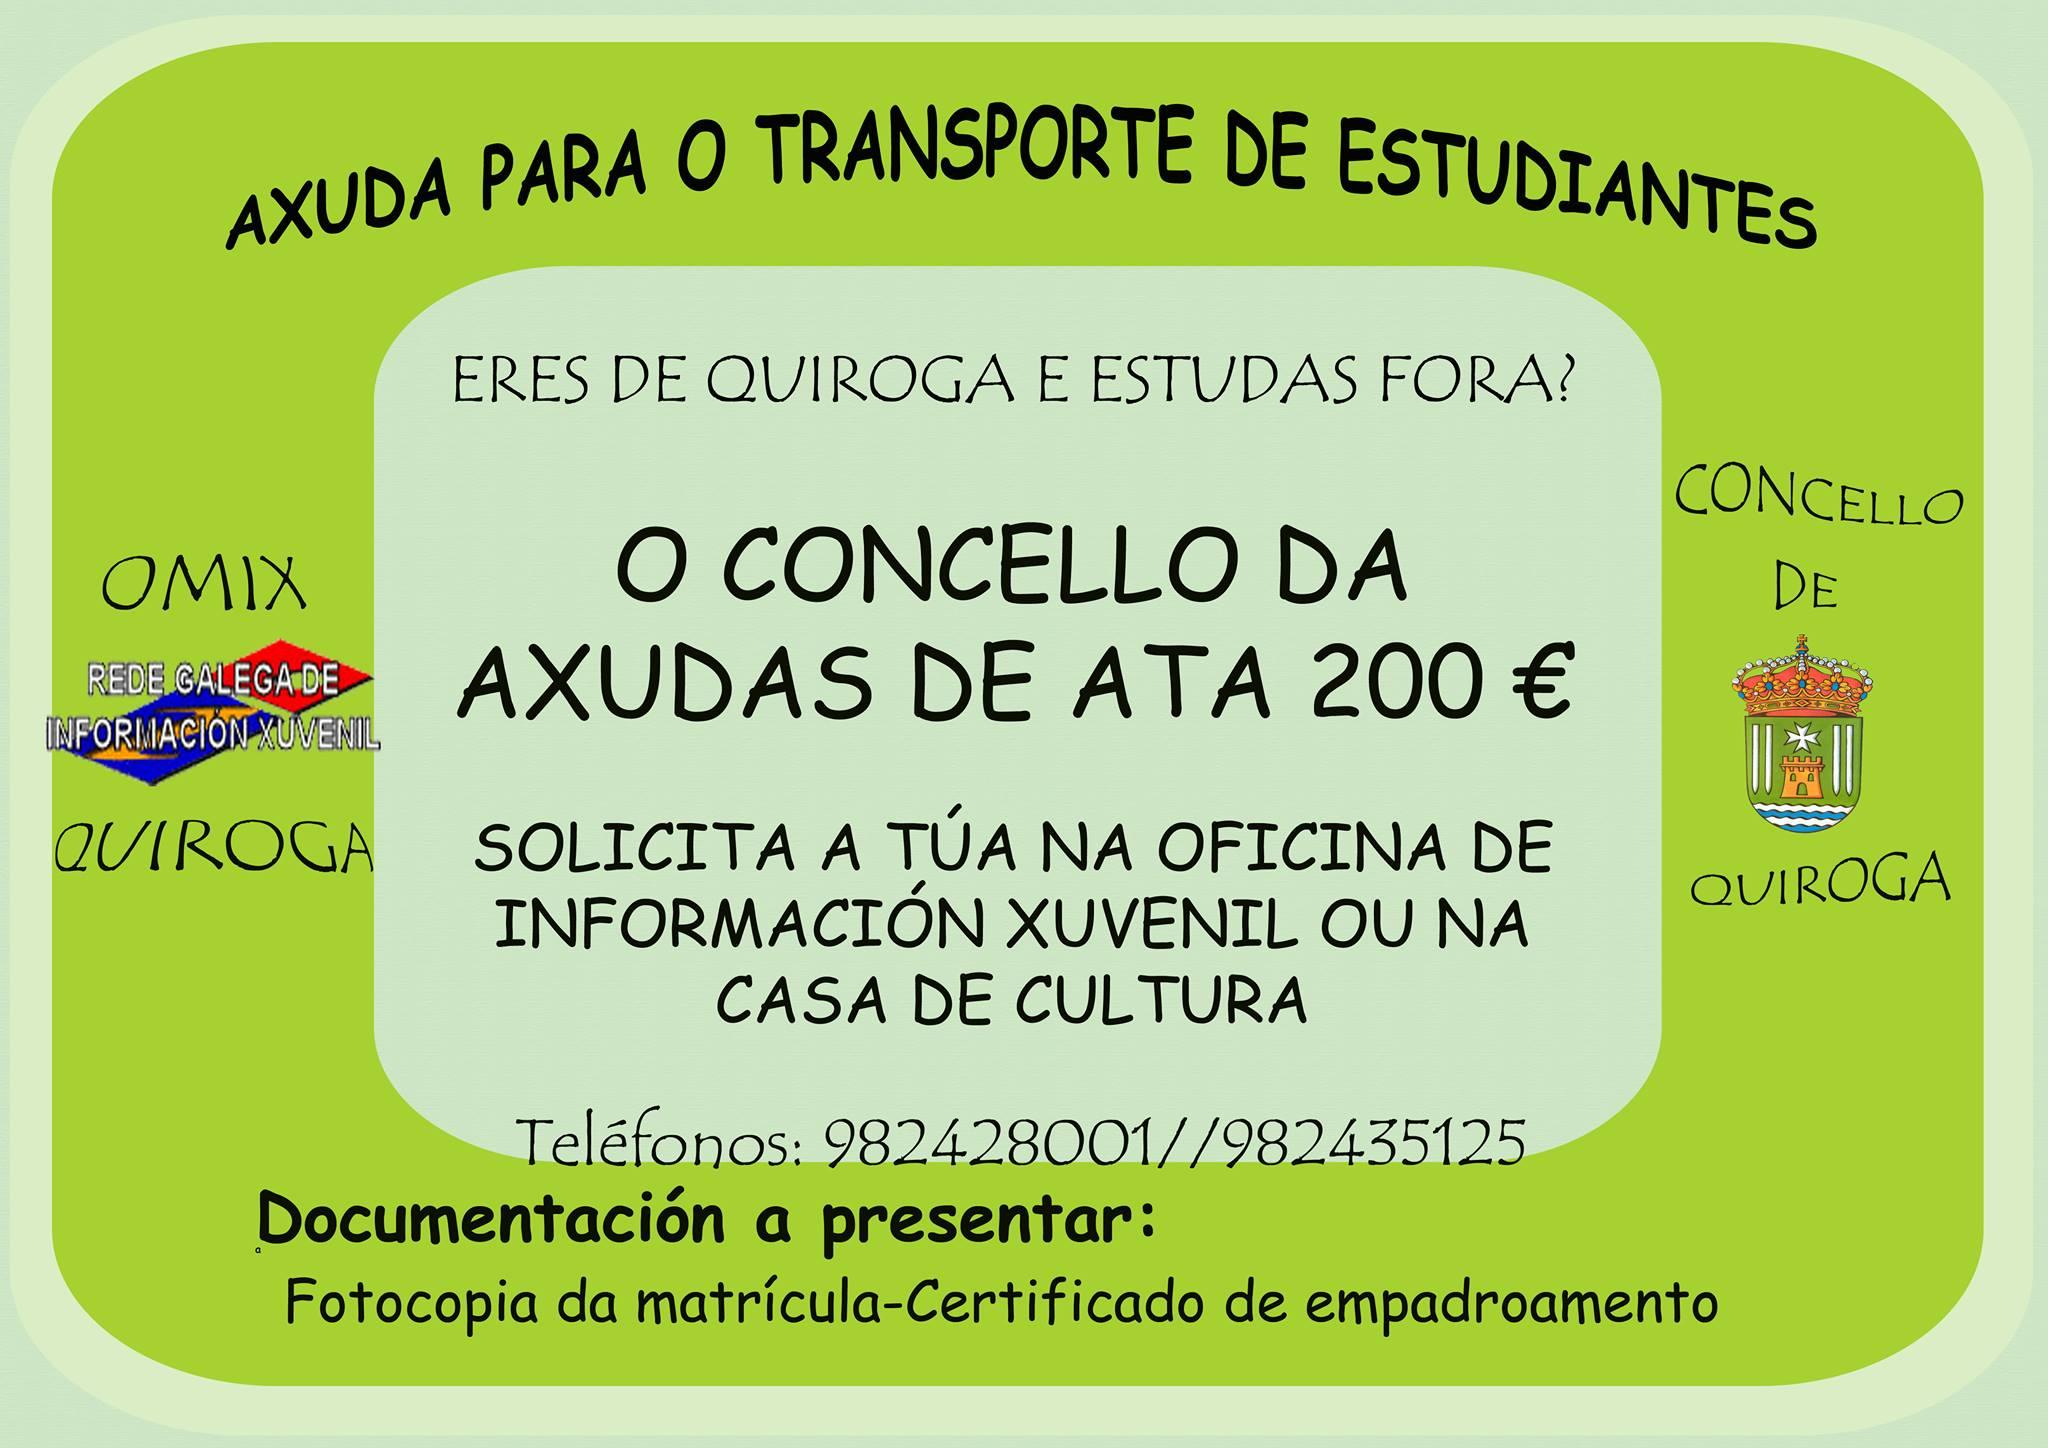 O Concello de Quiroga abre a solicitude de axudas para o transporte de estudiantes